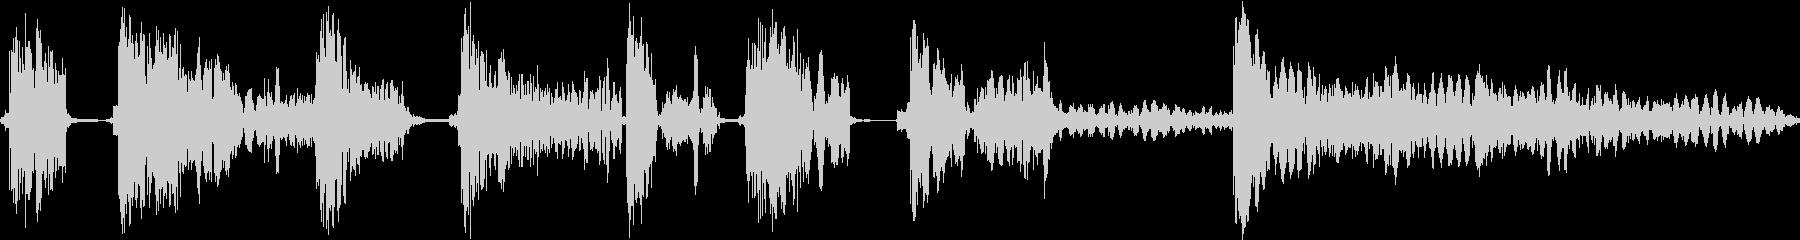 ヒットヒットインパクト11の未再生の波形